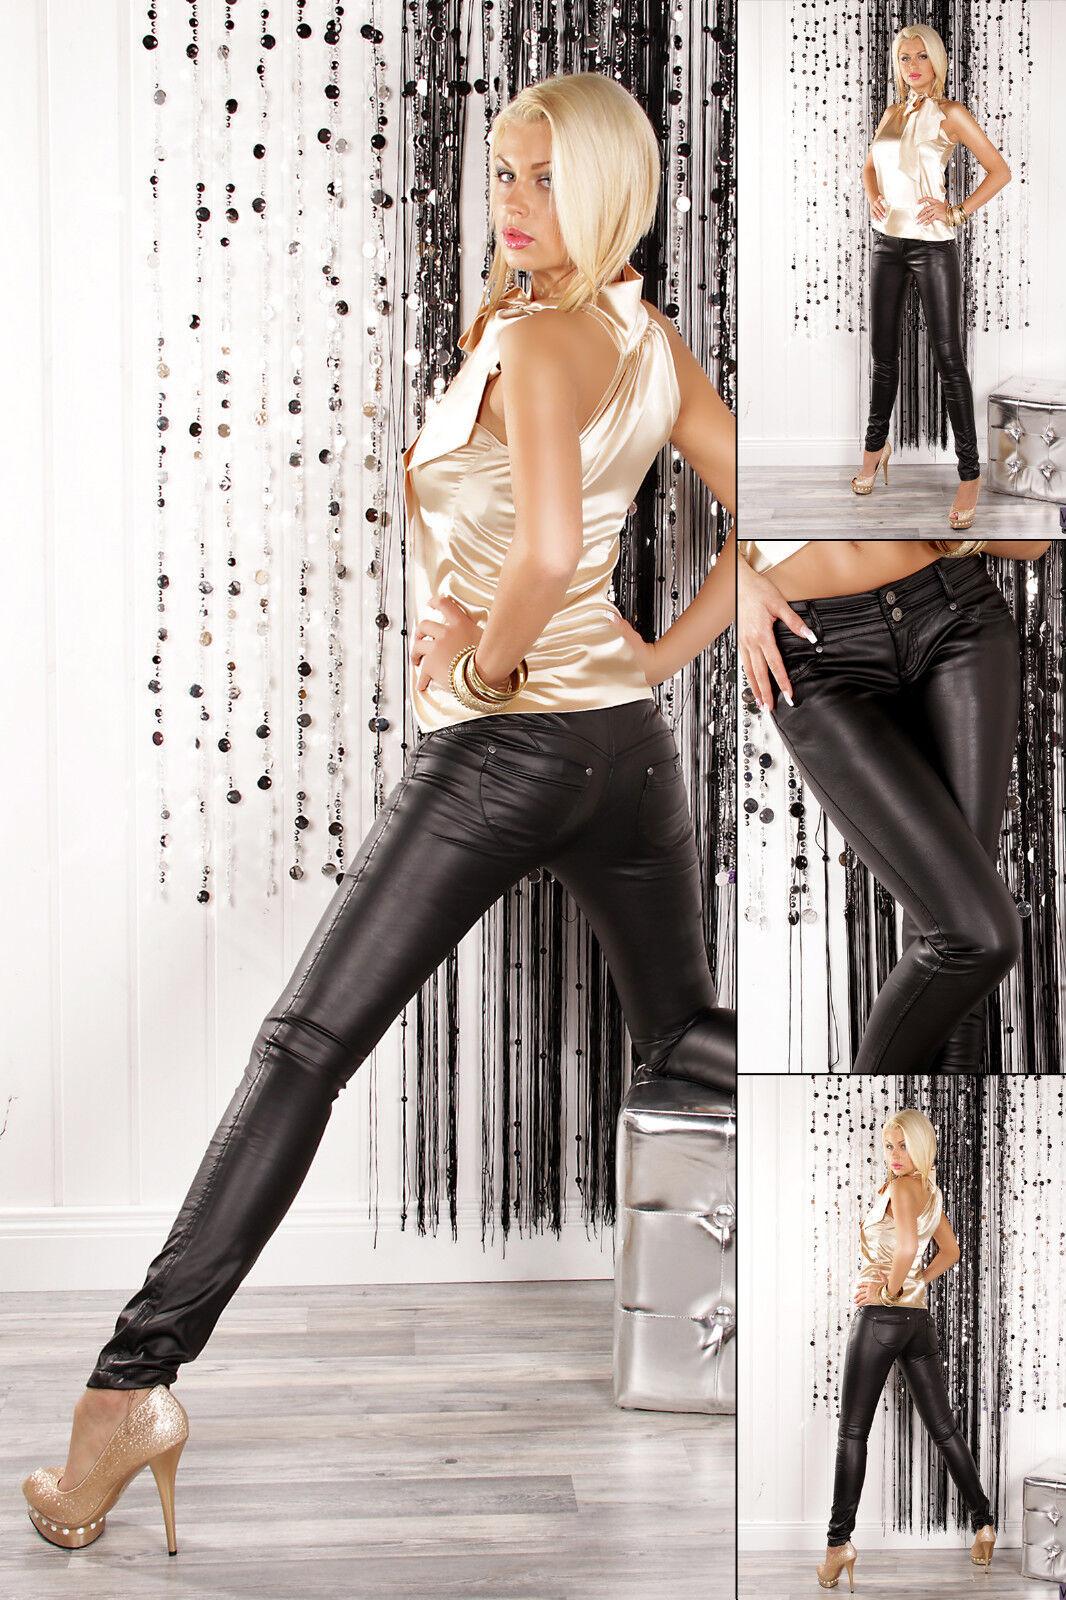 Pantaloni Donna Pantaloni di Similpelle Tubo Jeans Jeans Jeans Leggings Similpelle 0410bd